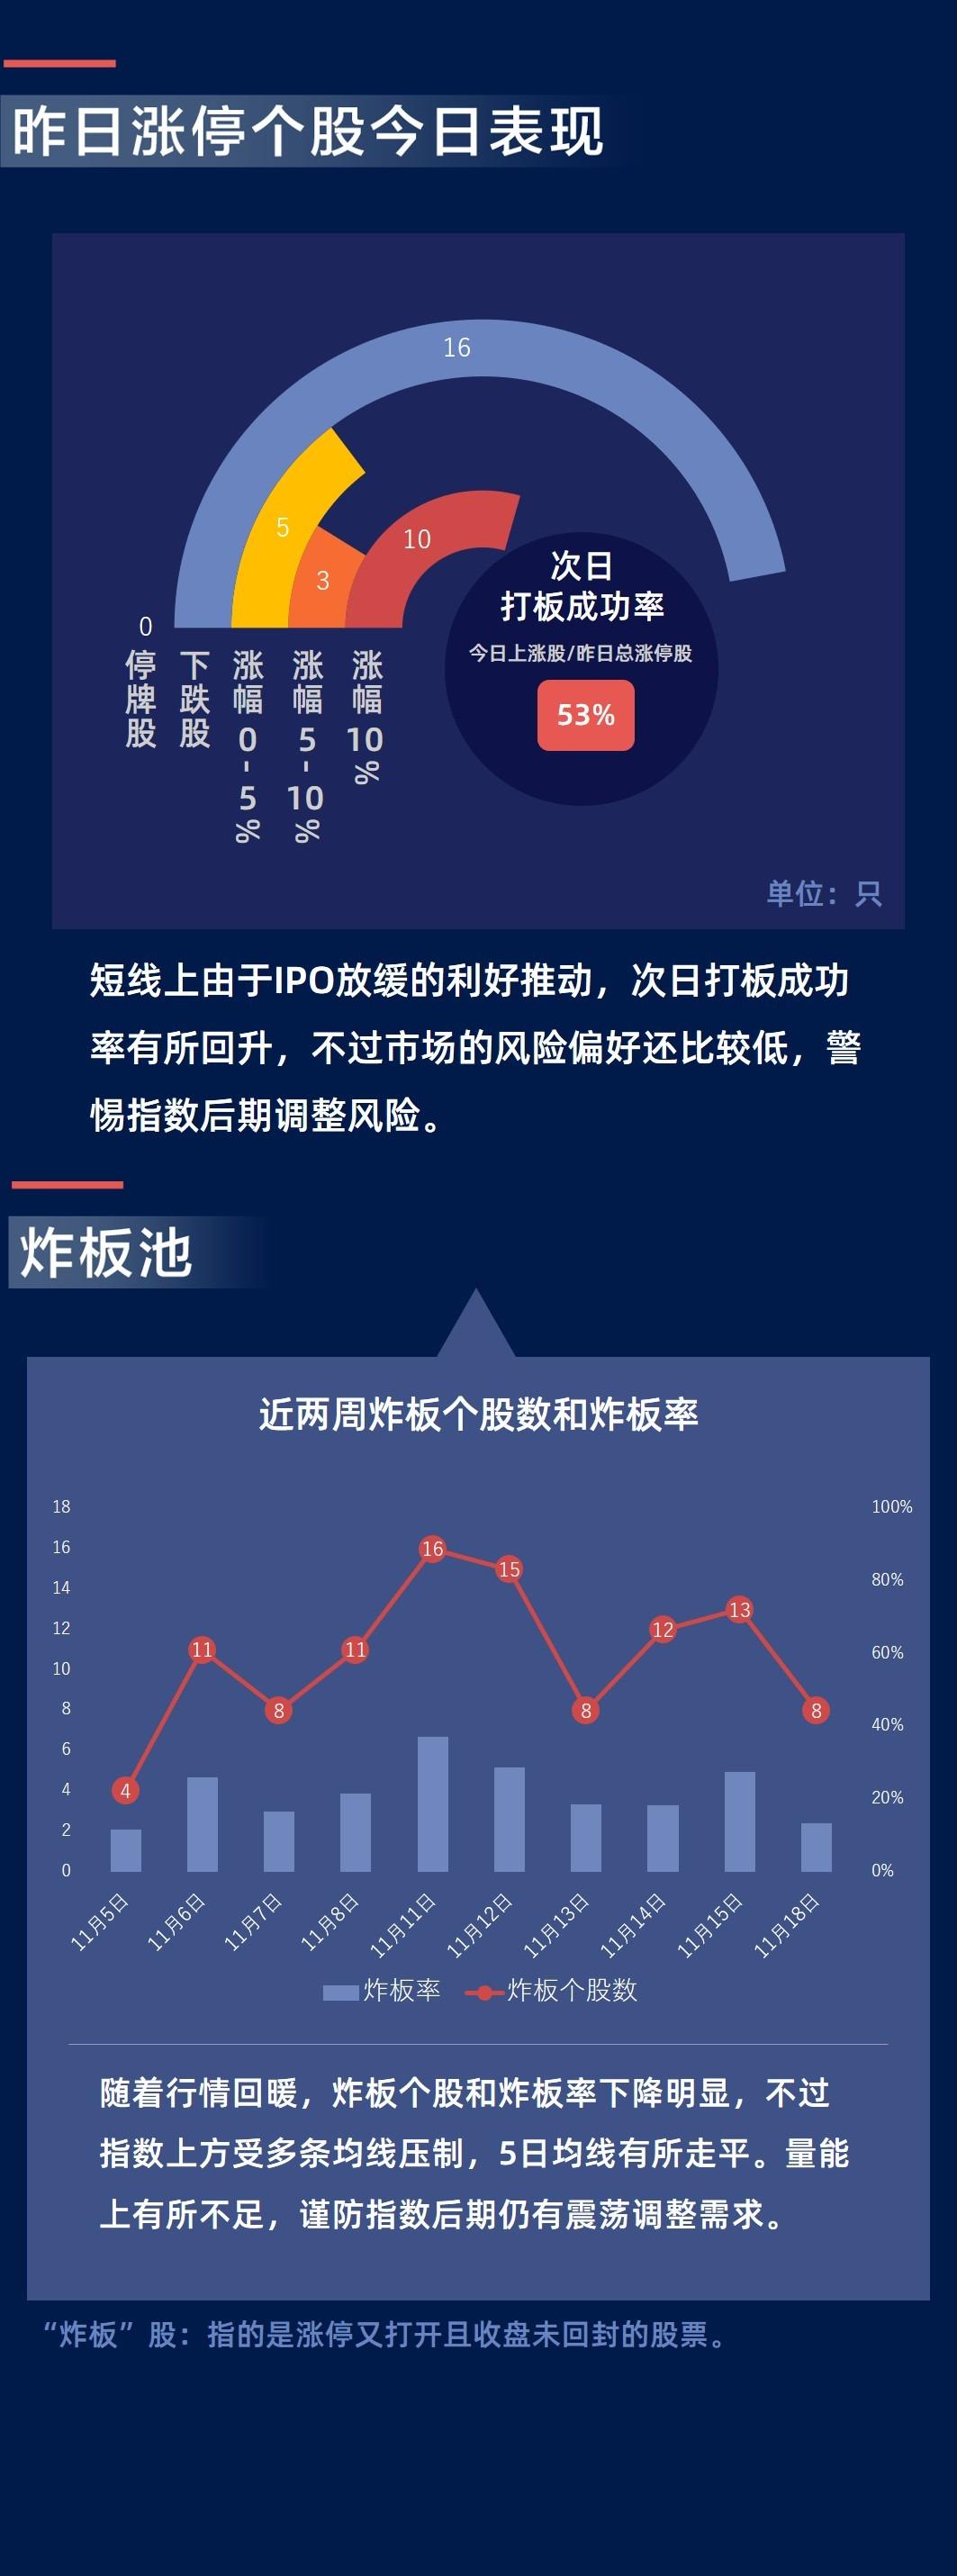 腾信彩票网开户·据悉特斯拉暂停接受中国买家Model S、Model X订单